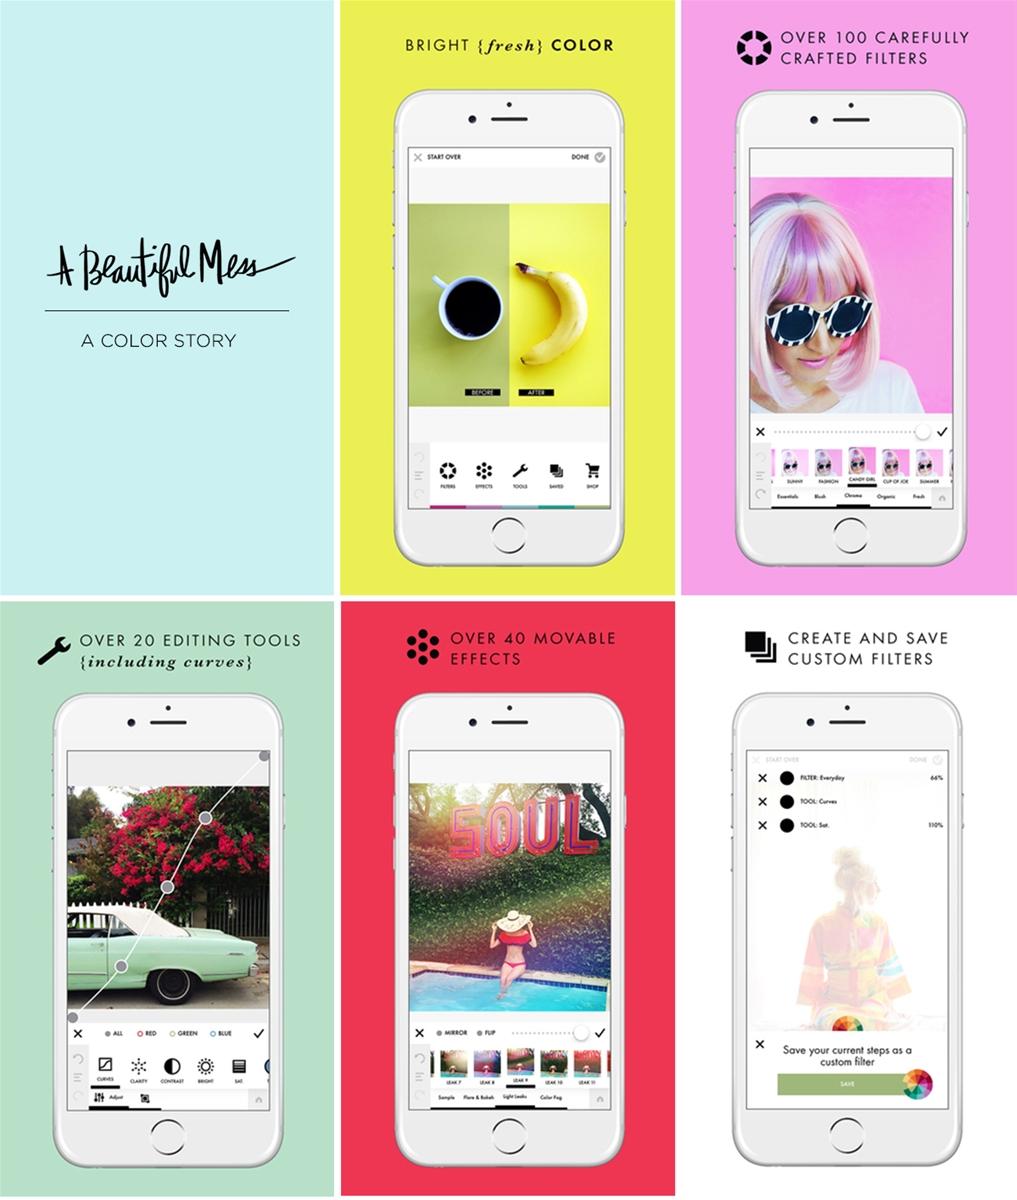 ... tới 5 lần \u003d)) Mình thì có full màu hết rồi, cũng dùng rồi nên muốn review cho các bạn những app chỉnh sửa ảnh tốt và đẹp nhất bây giờ ^^.